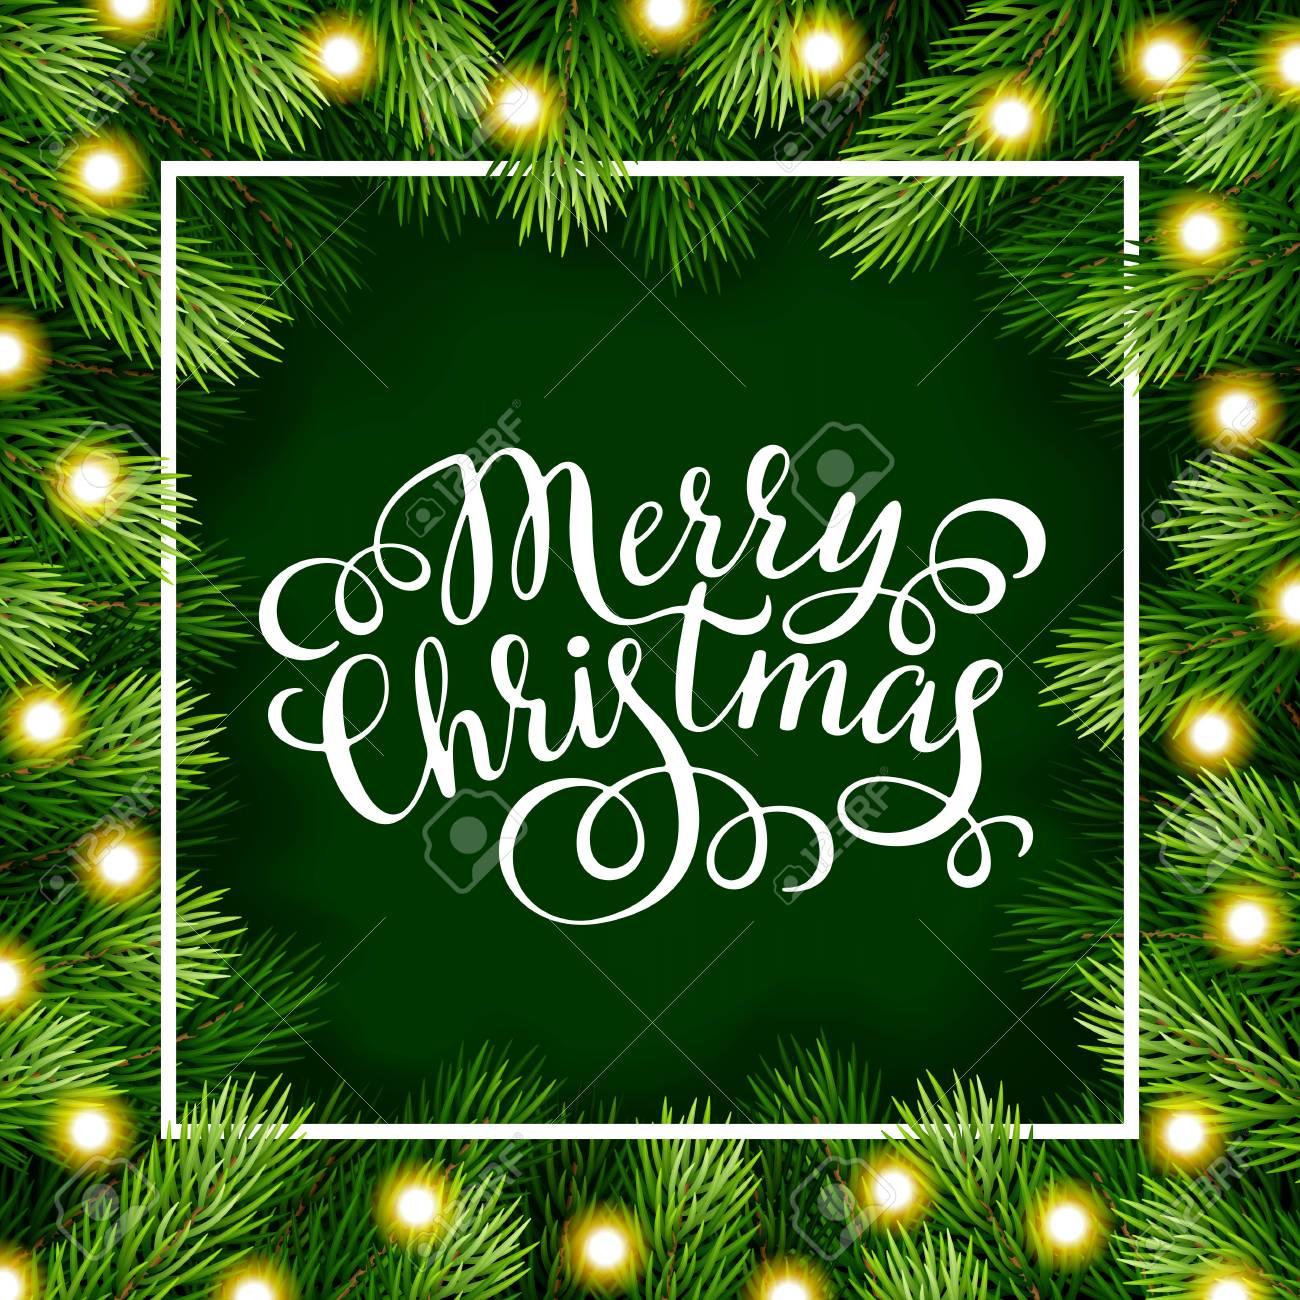 Frasi Di Natale X Biglietti.Disegno A Mano Le Frasi Di Calligrafia Con Dettagliate Albero Di Natale Corona Per Biglietto Di Auguri Poster Banner Sito Web Intestazione